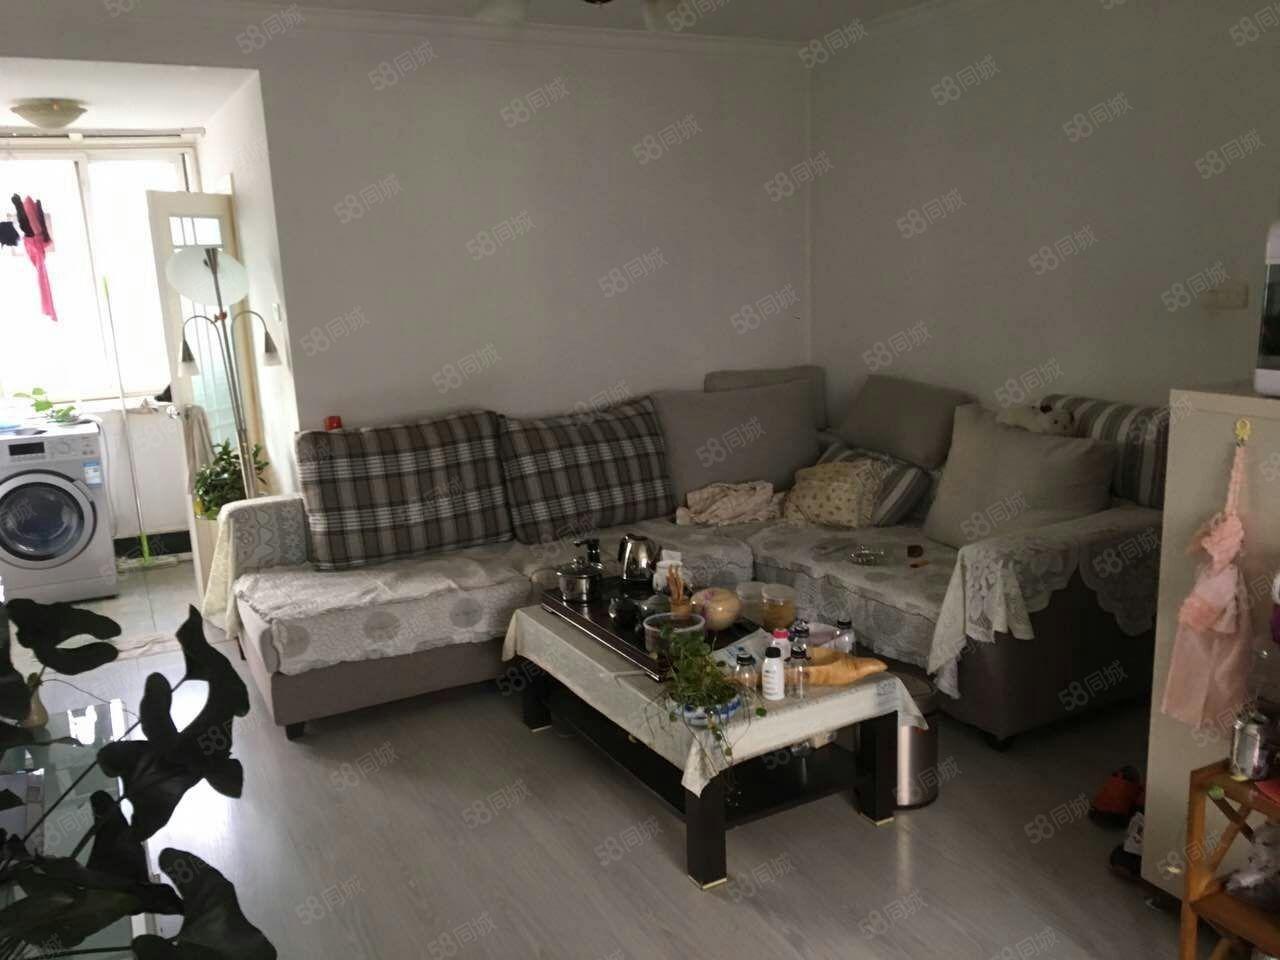 精装好房金沙官方平台,满五年,唯一住房,税费低,性价比高